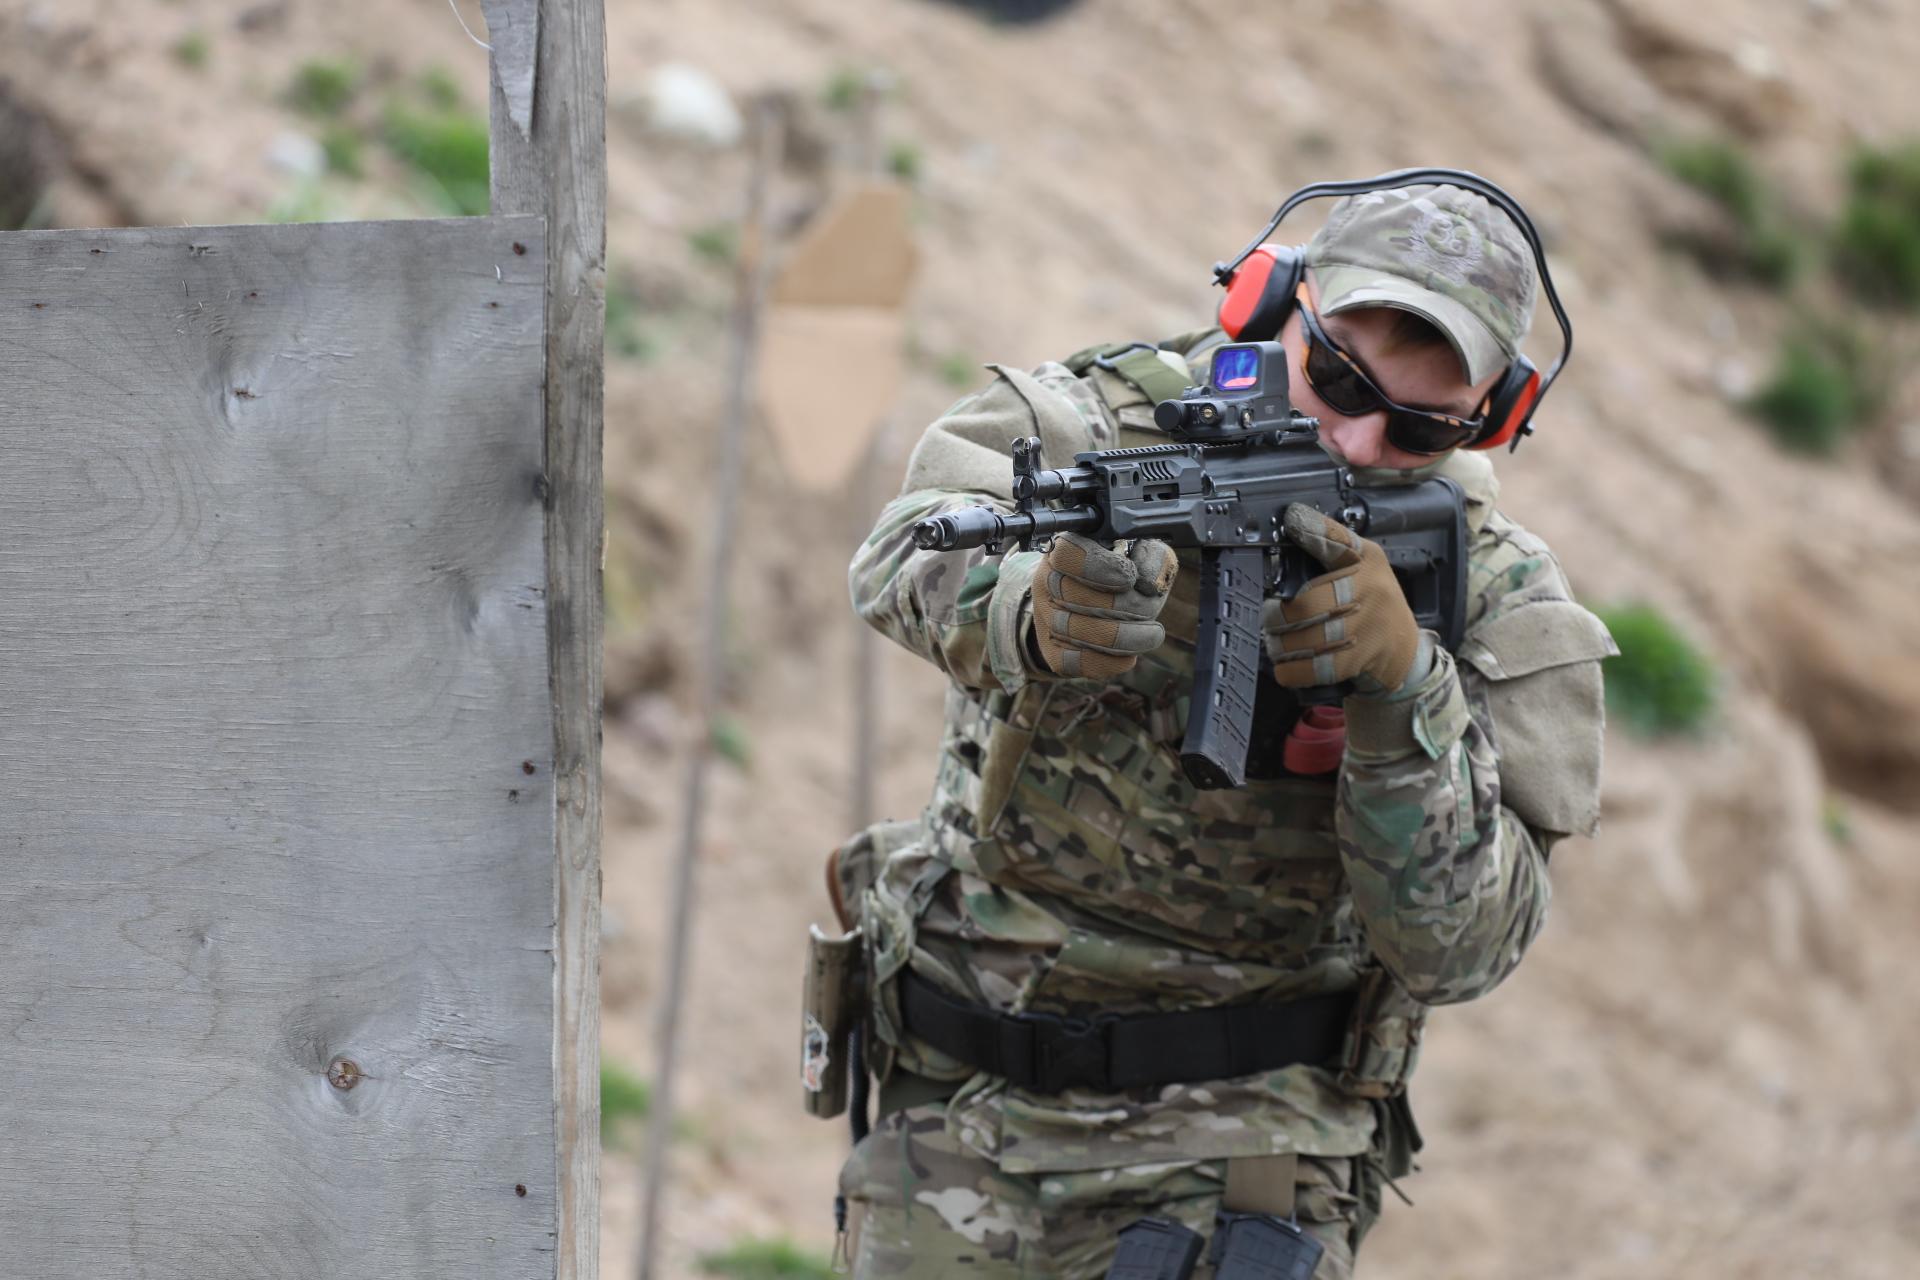 Фото: пресс-служба Западного военного округа.